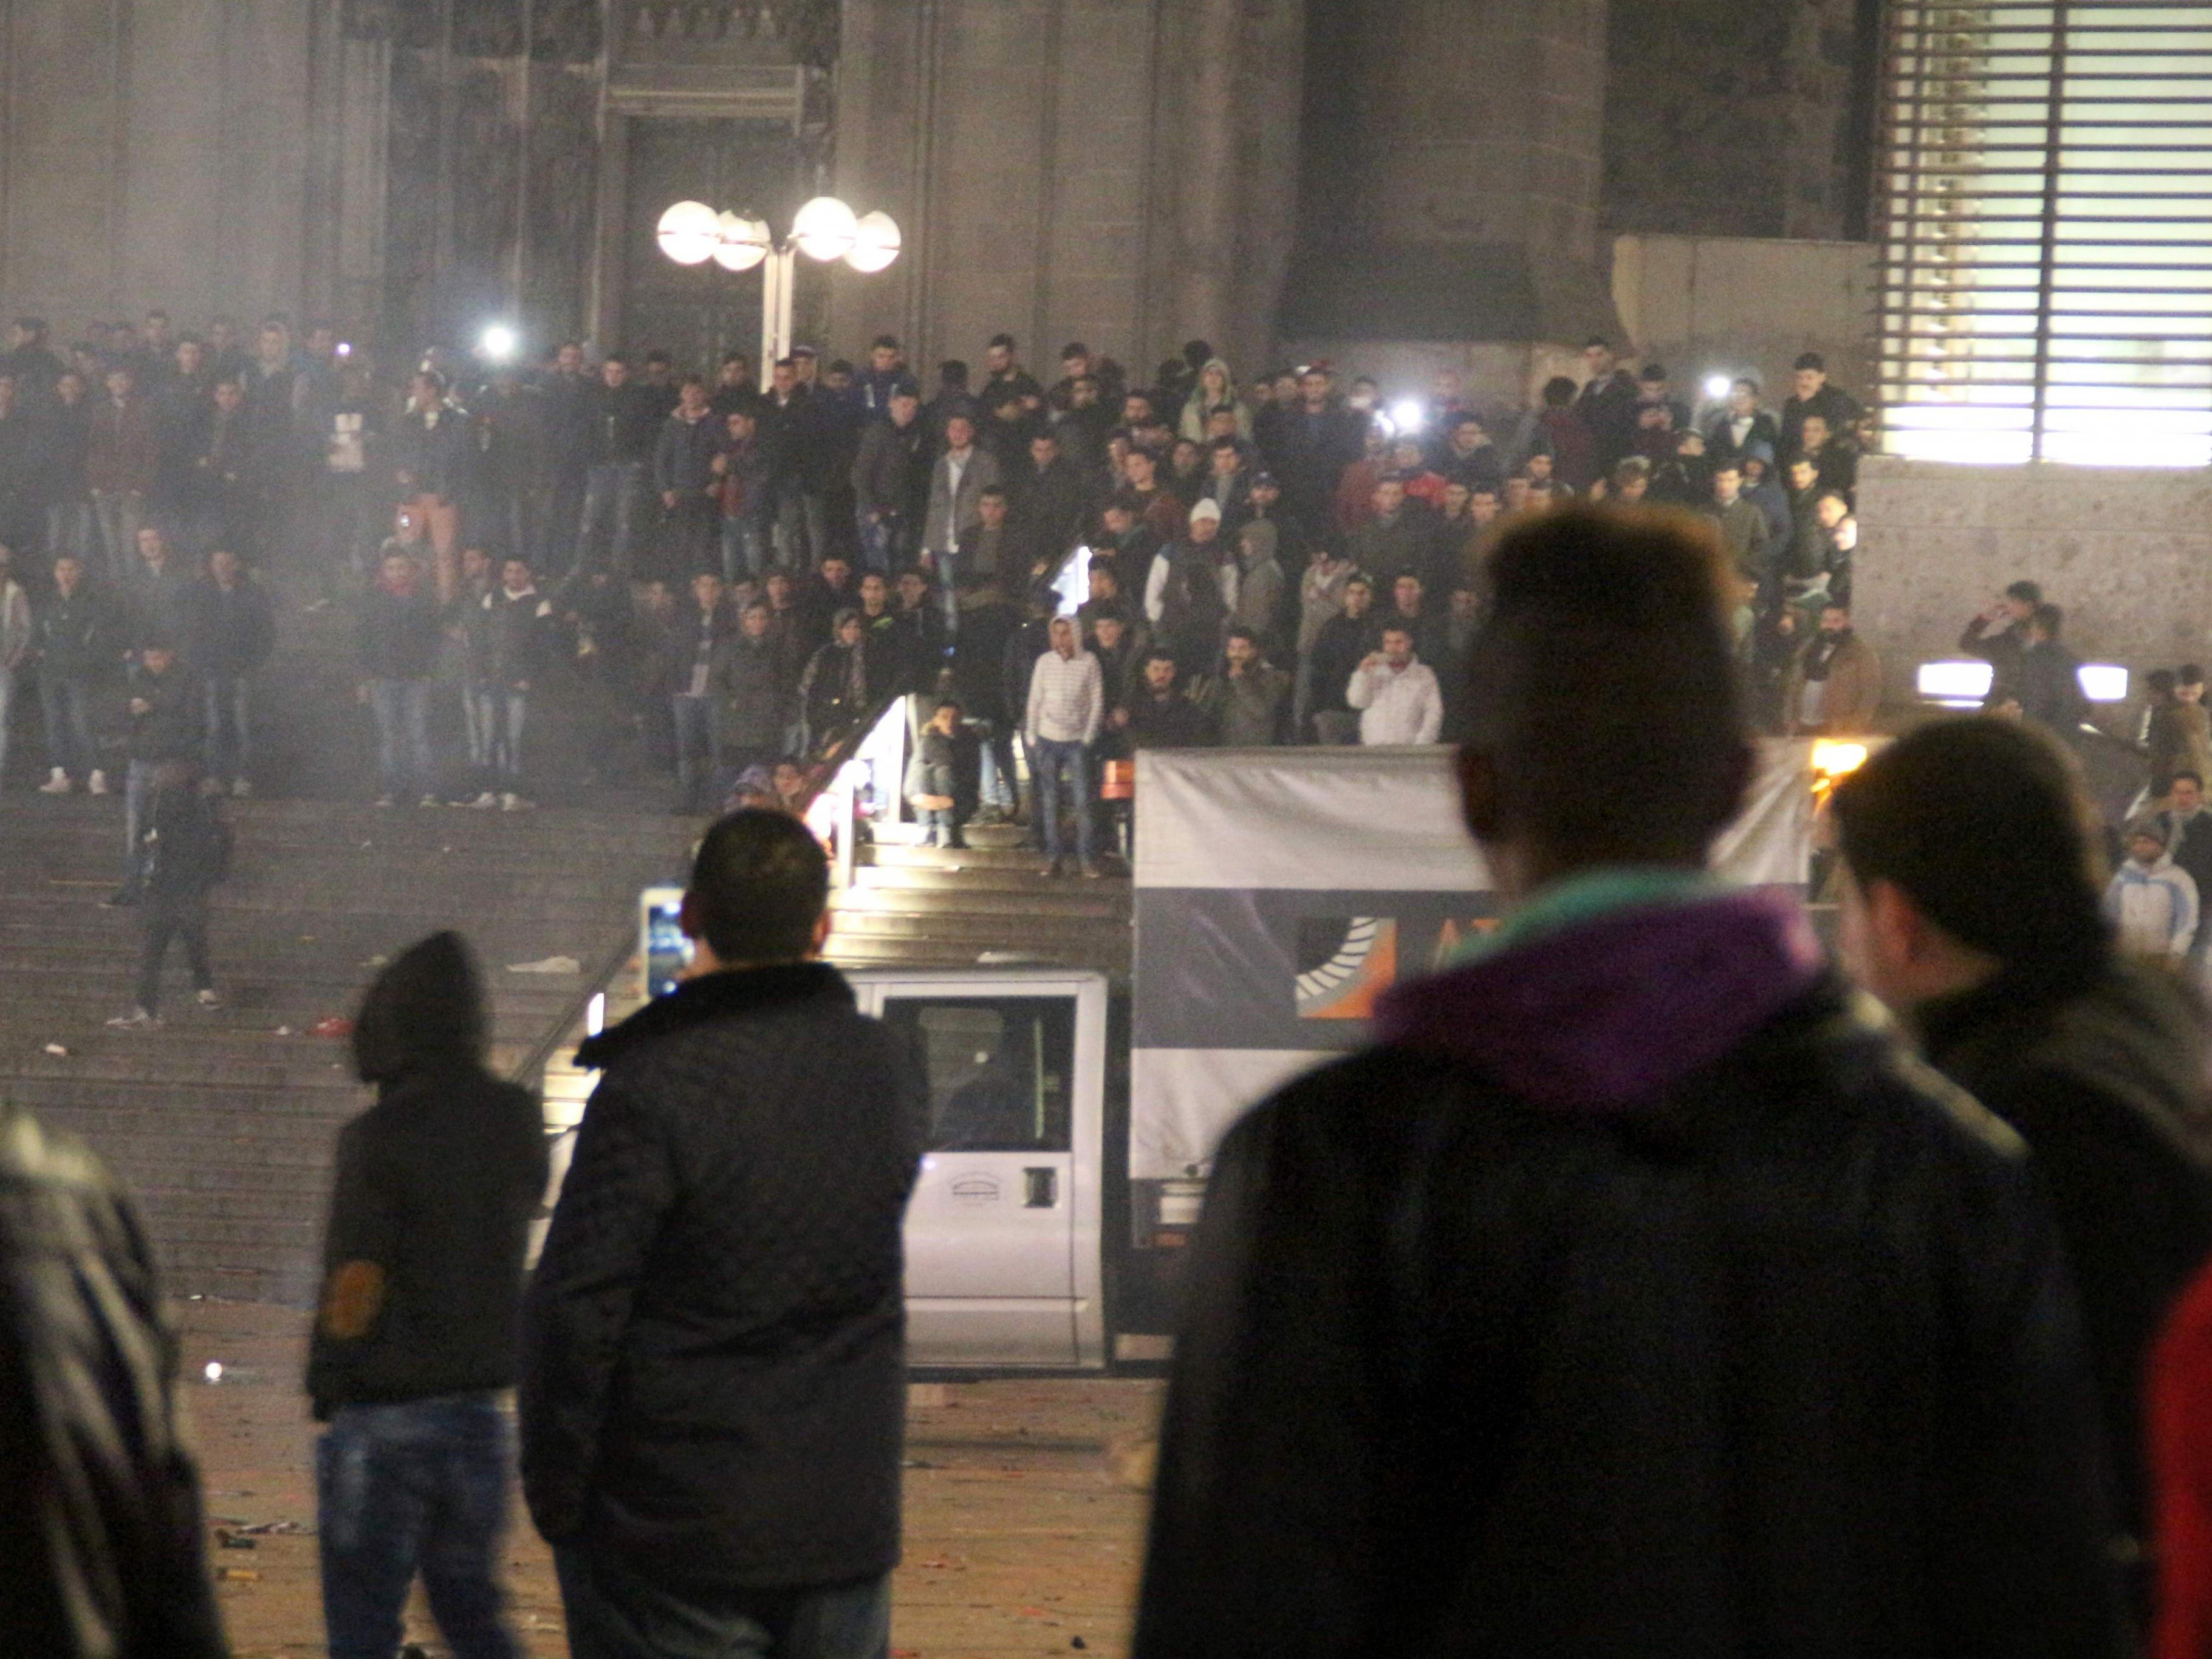 Interner Bericht beschreibt dramatische Lage vor dem Hauptbahnhof.